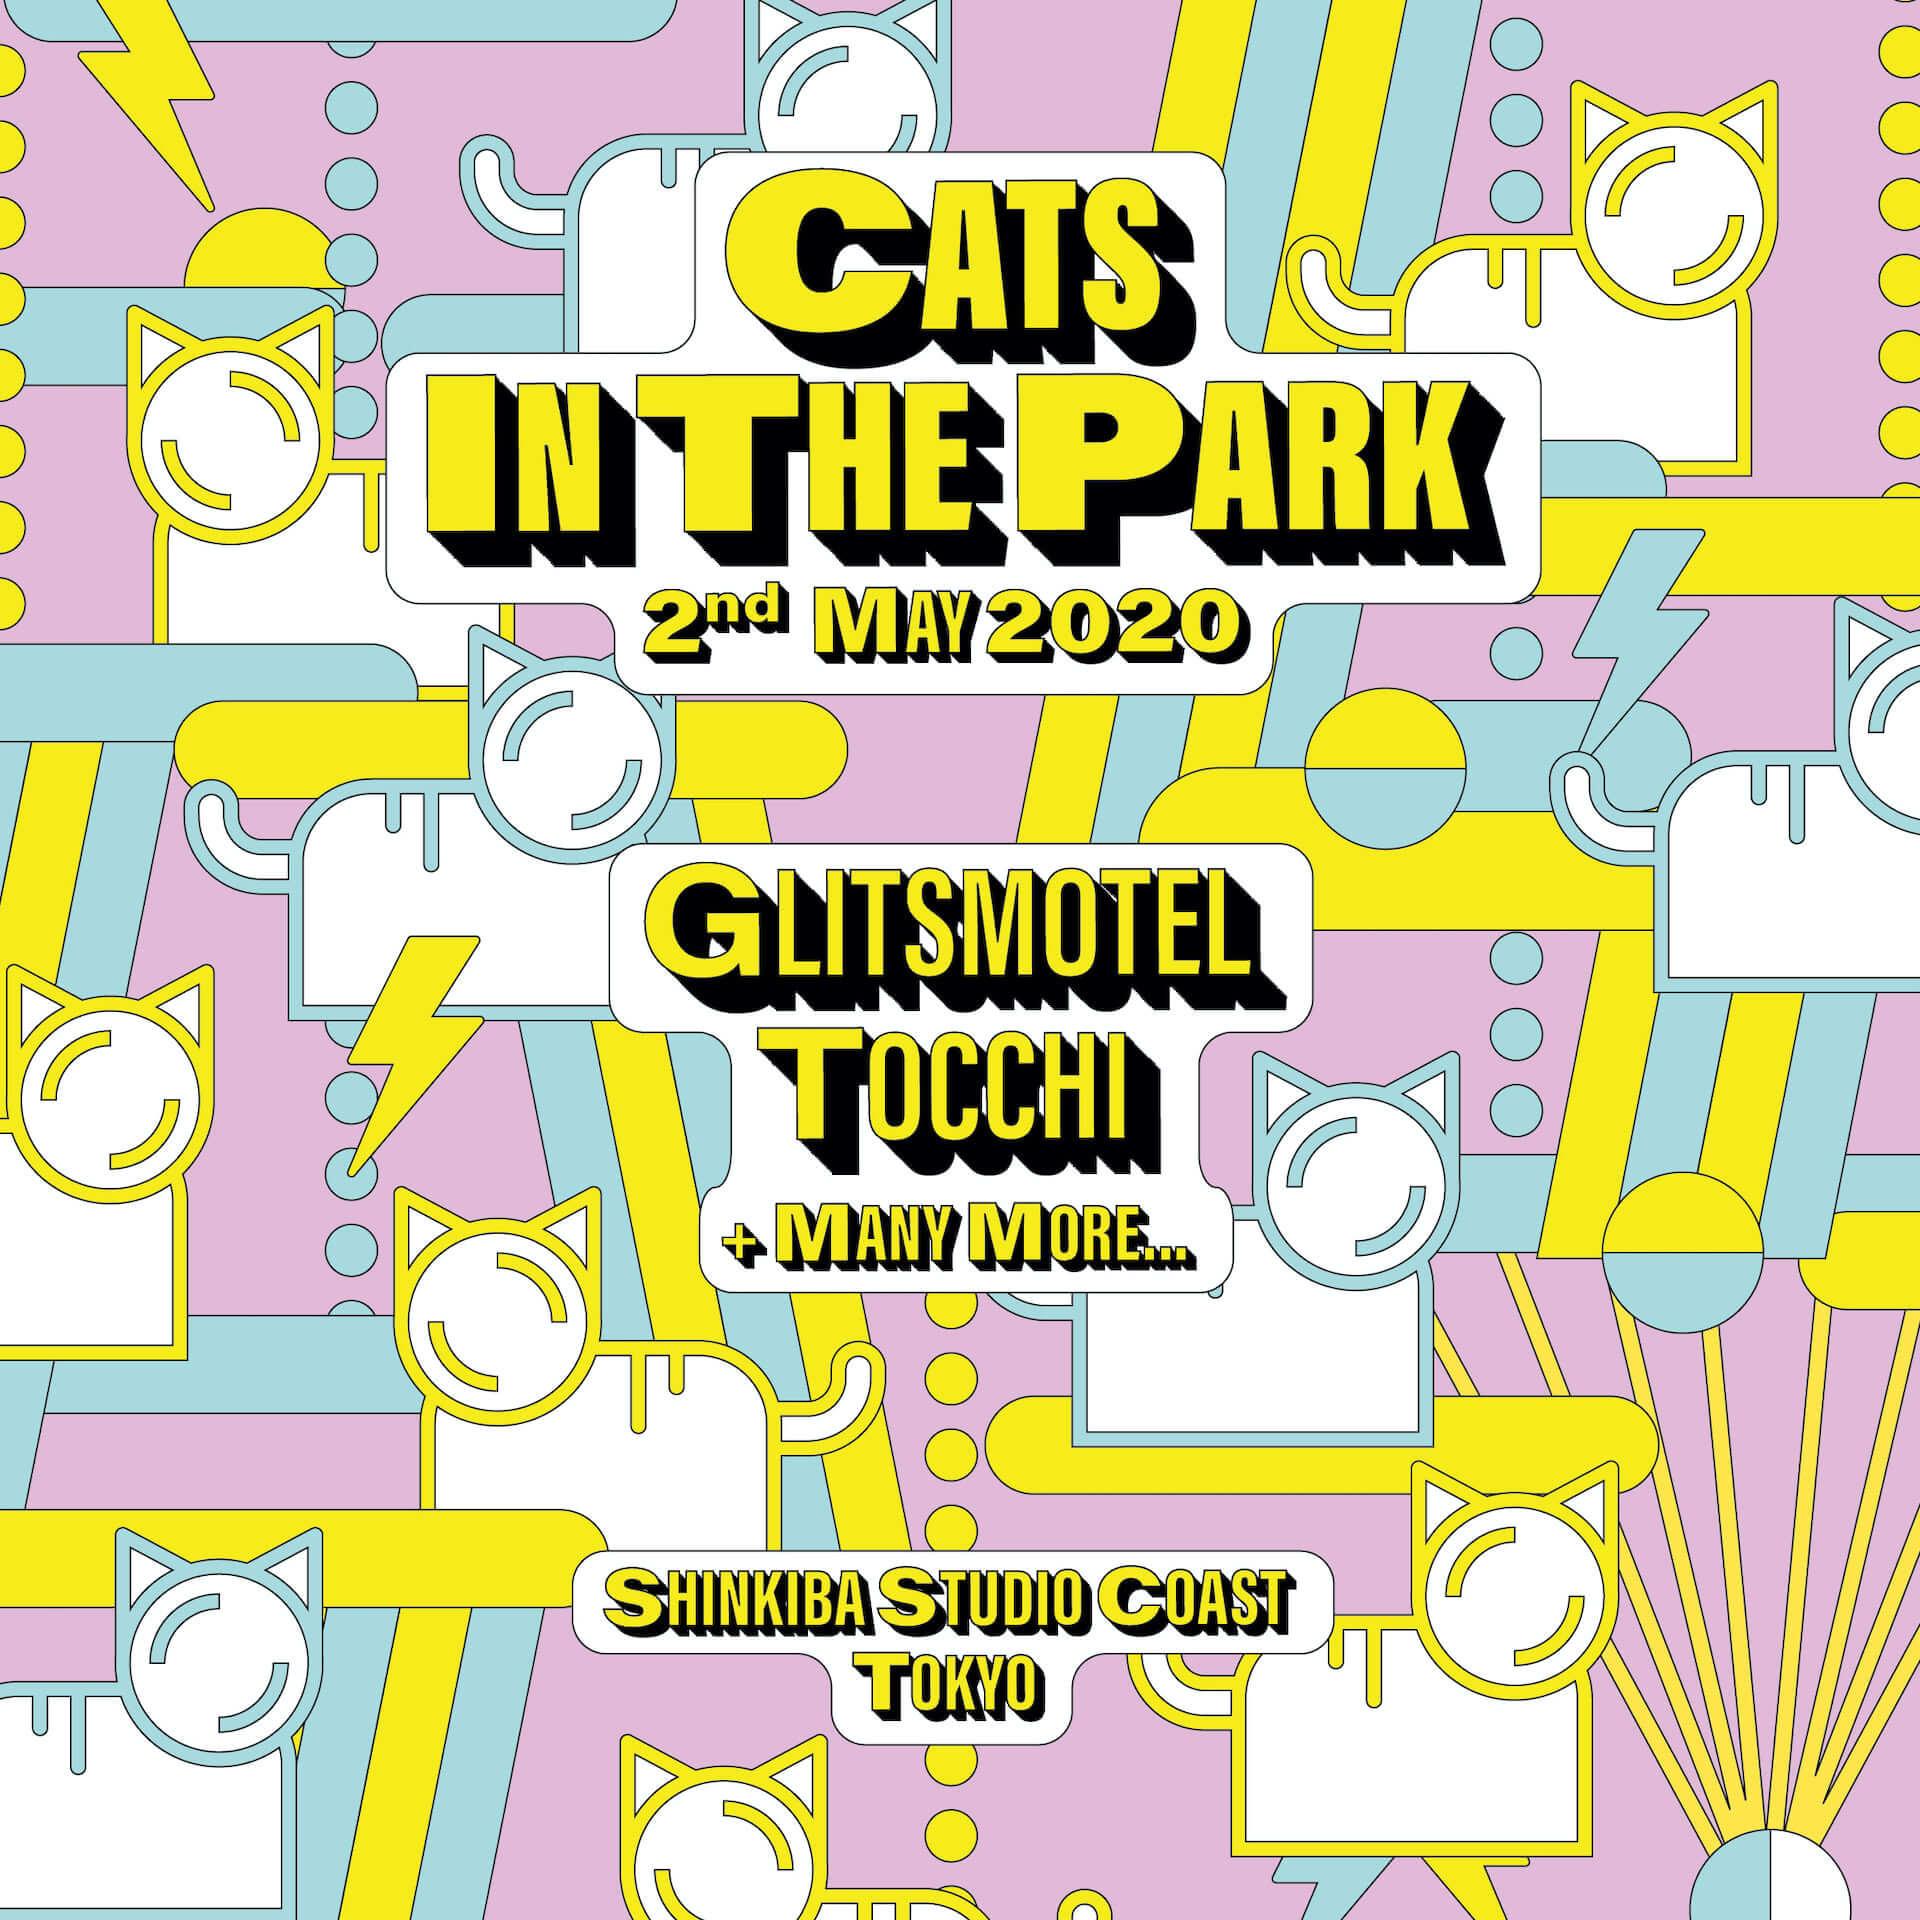 <CATS IN THE PARK>が新木場STUDIO COASTにて開催決定!第一弾発表でglitsmotel(HANG×唾奇)とTOCCHIがラインナップ music200325_catsinthepark_1-1920x1920